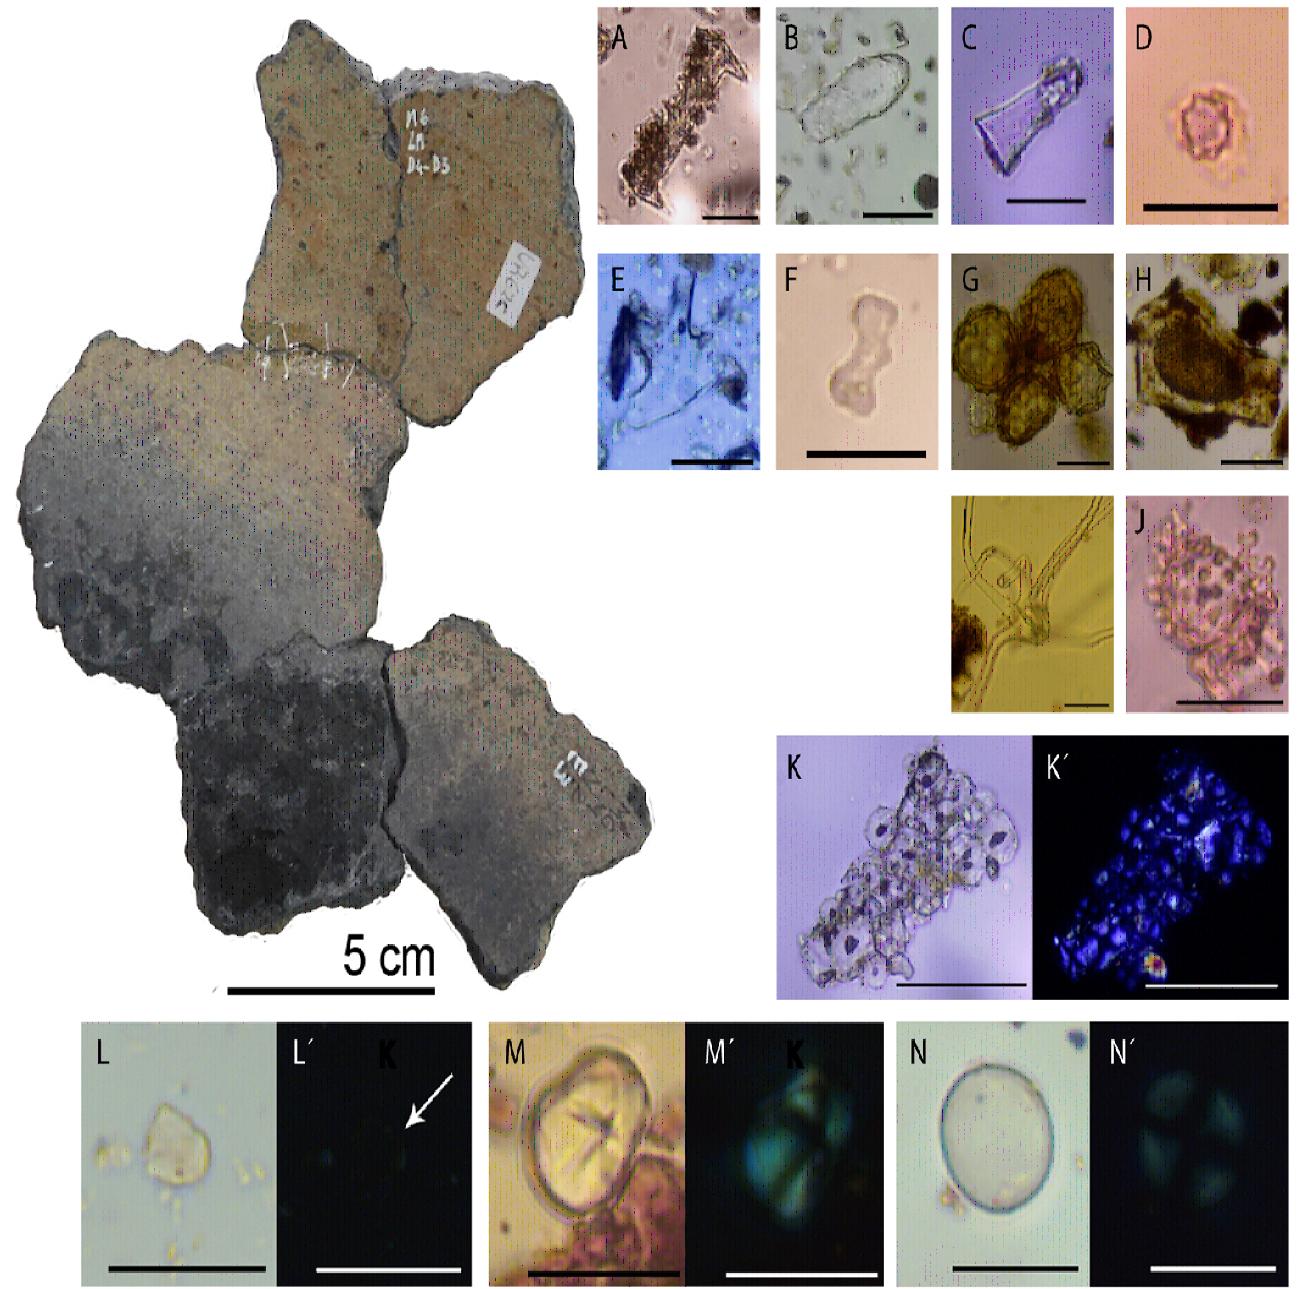 Cerámica y microfósiles identificados.